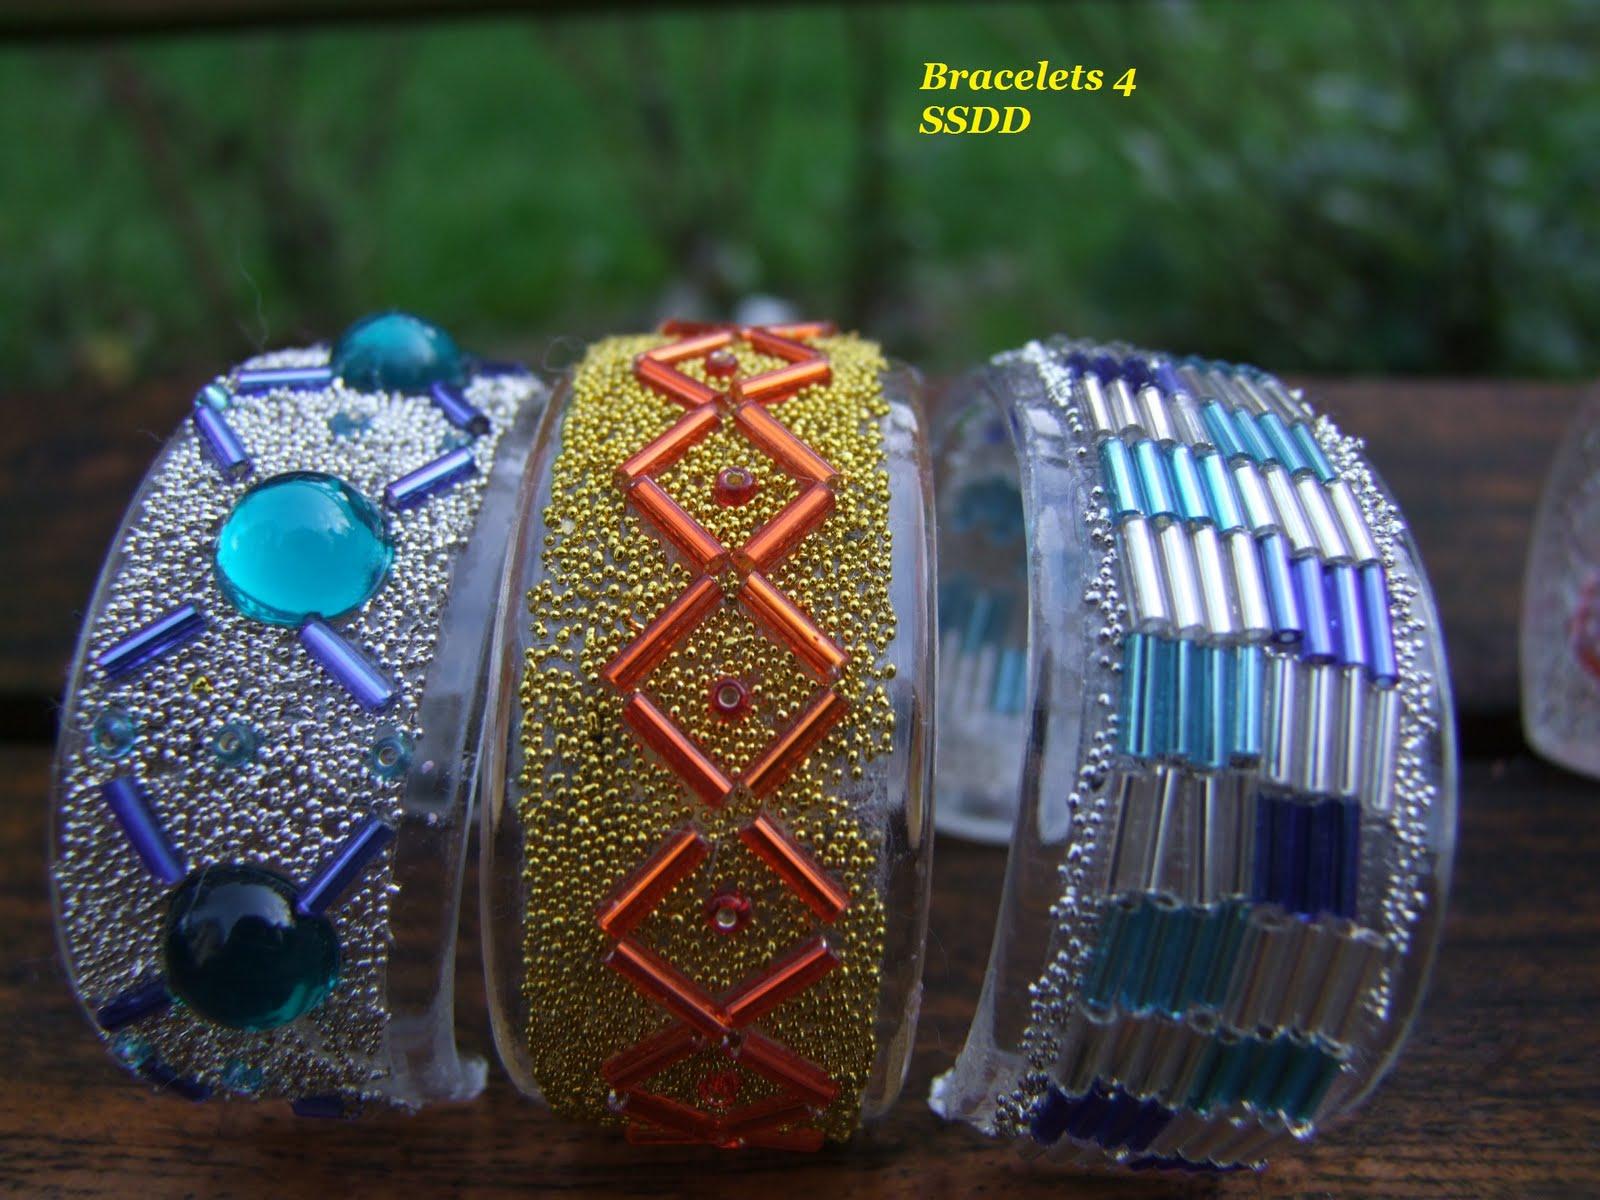 sens sans dessus dessous bracelets de stars sentosph re activit manuelle filles 8 12 ans